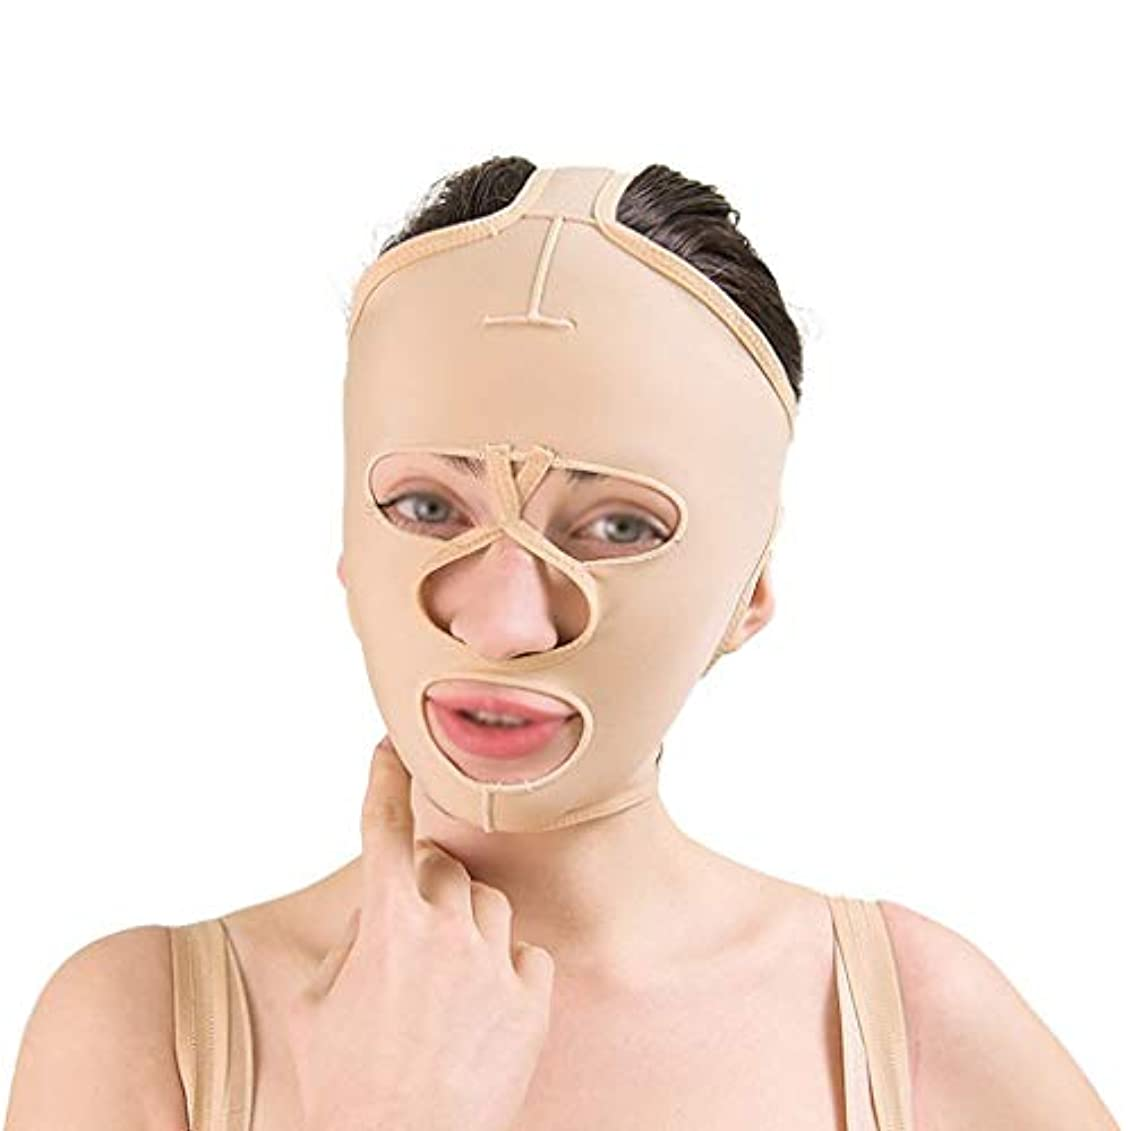 フェイシャルリフティングツール、フェイシャルビューティーリフティングマスク、通気性引き締めリフティングフェイシャル包帯、フェイシャルタイトバンデージ(サイズ:L),XL